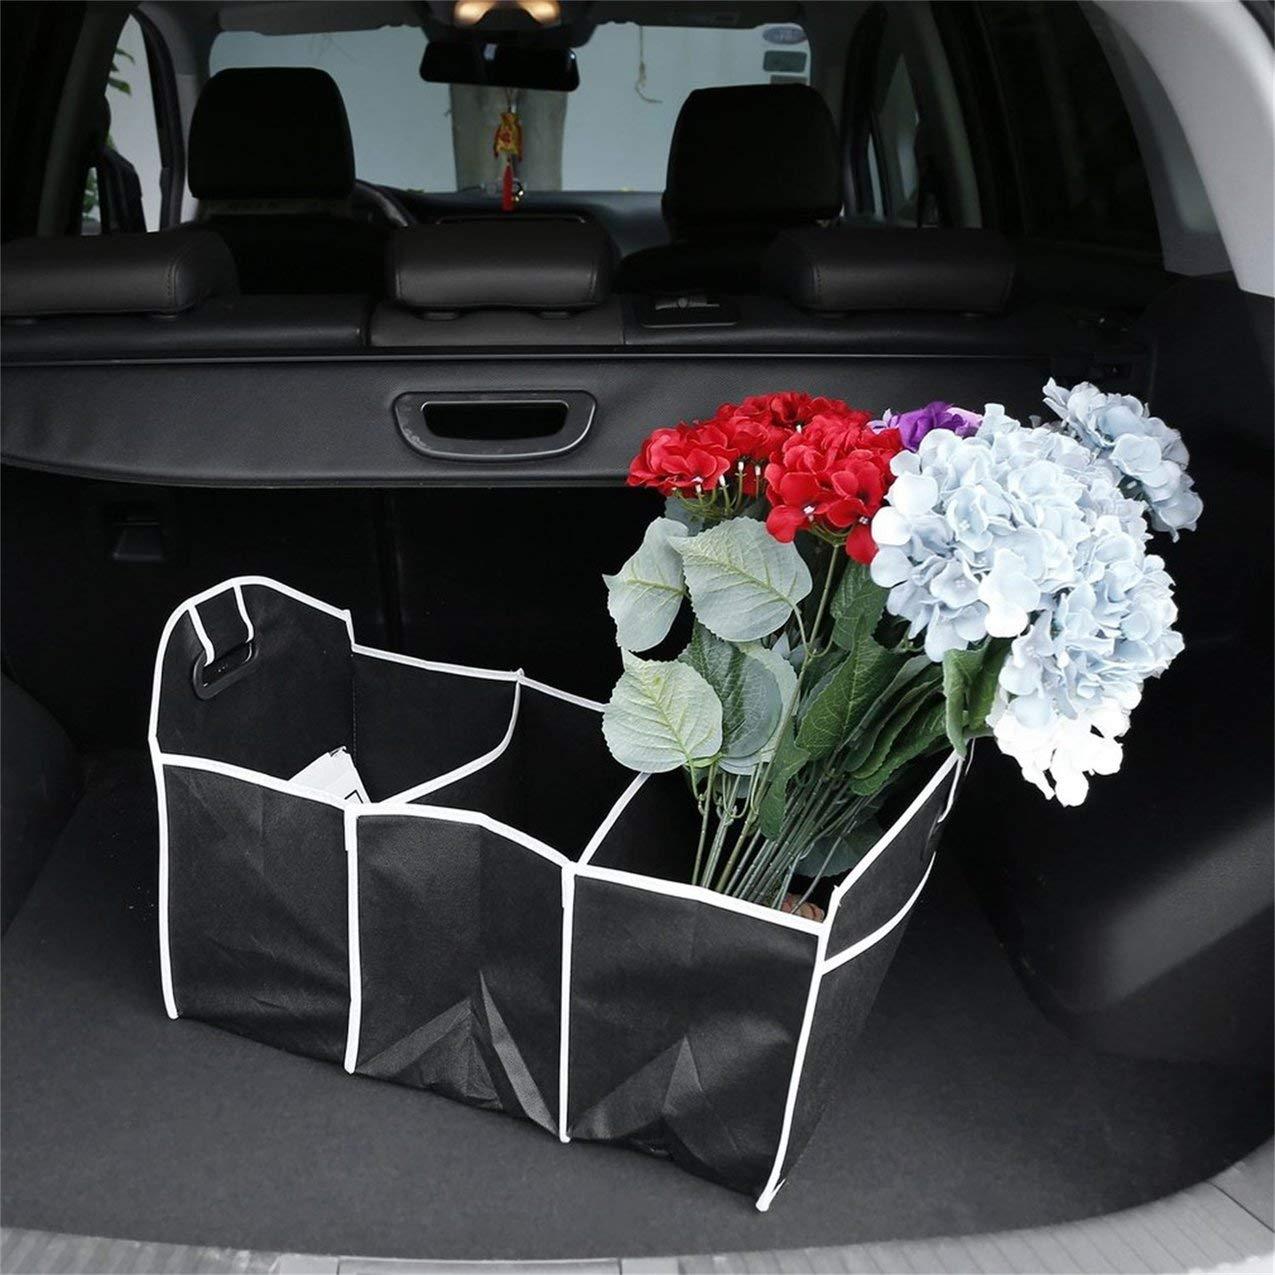 pieghevole pieghevole robusto robusto Car Storage Box Car Boot Organizer Shopping ordinato pieghevole salvaspazio scatola di immagazzinaggio Car Boot Organizer